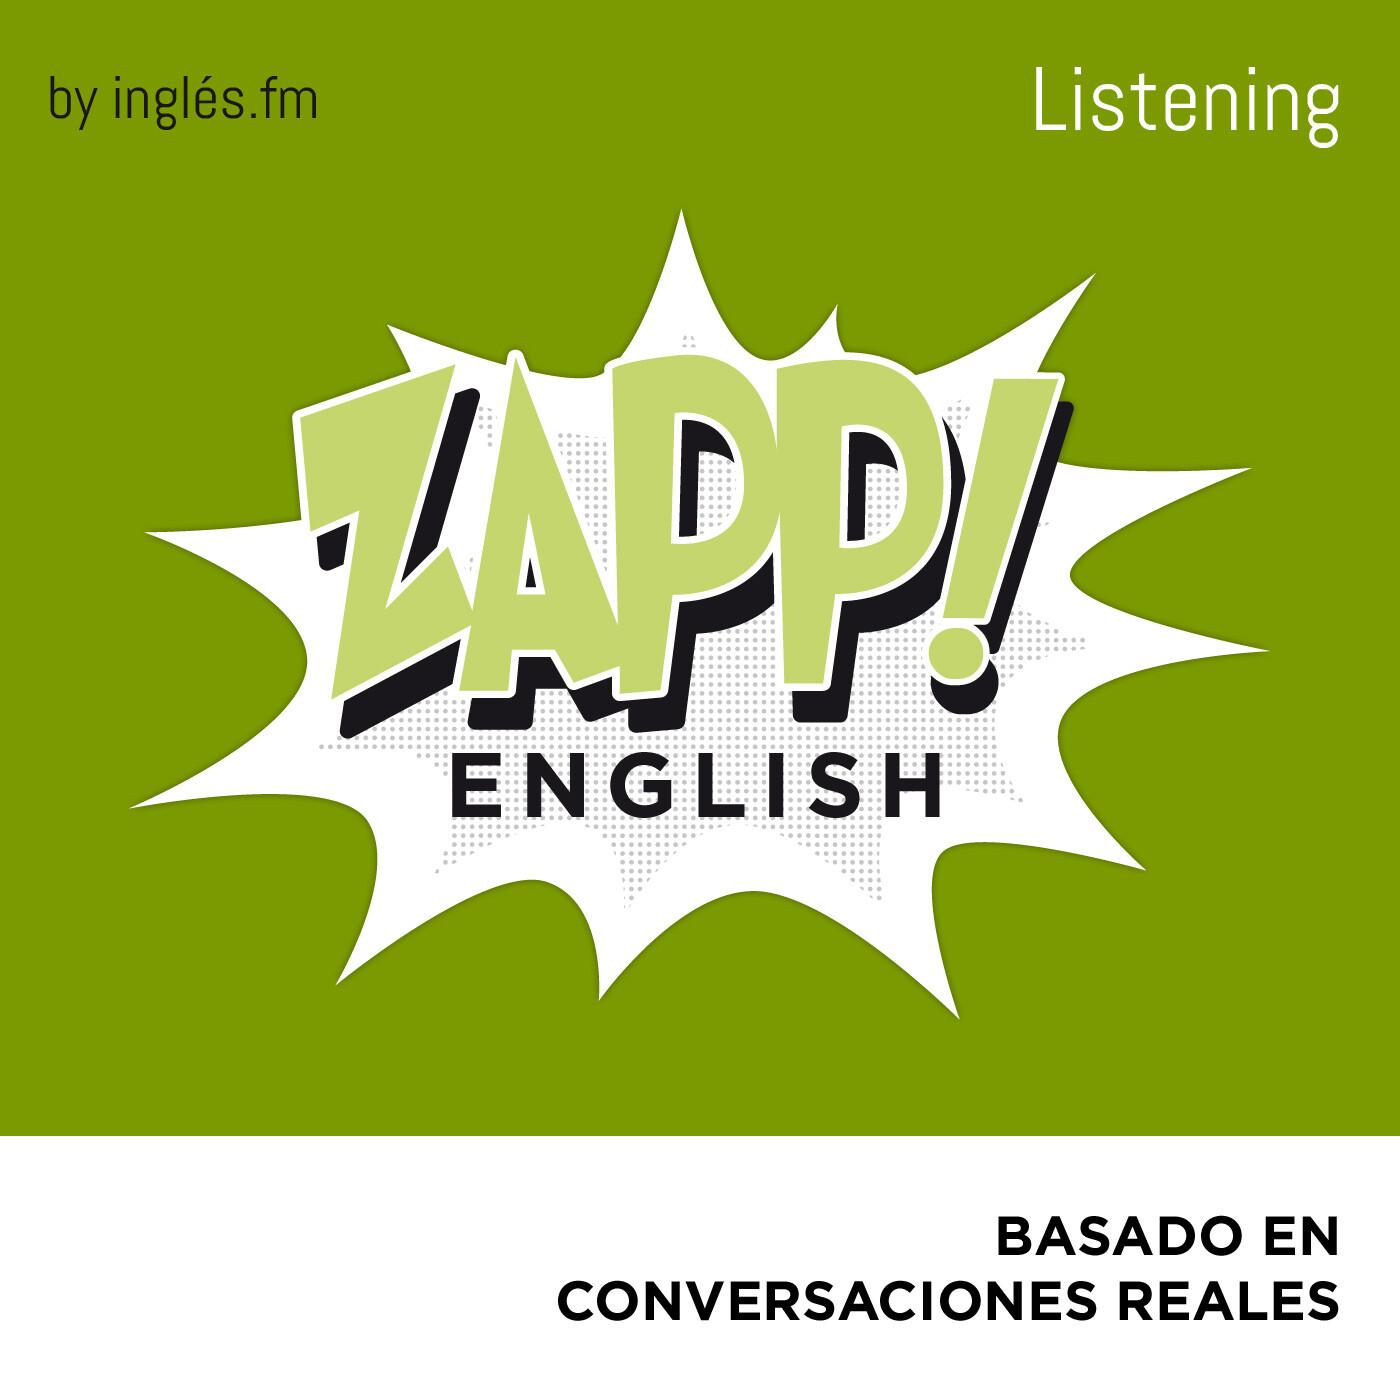 El Medio Ambiente - Zapp Ingles Listening 3.31